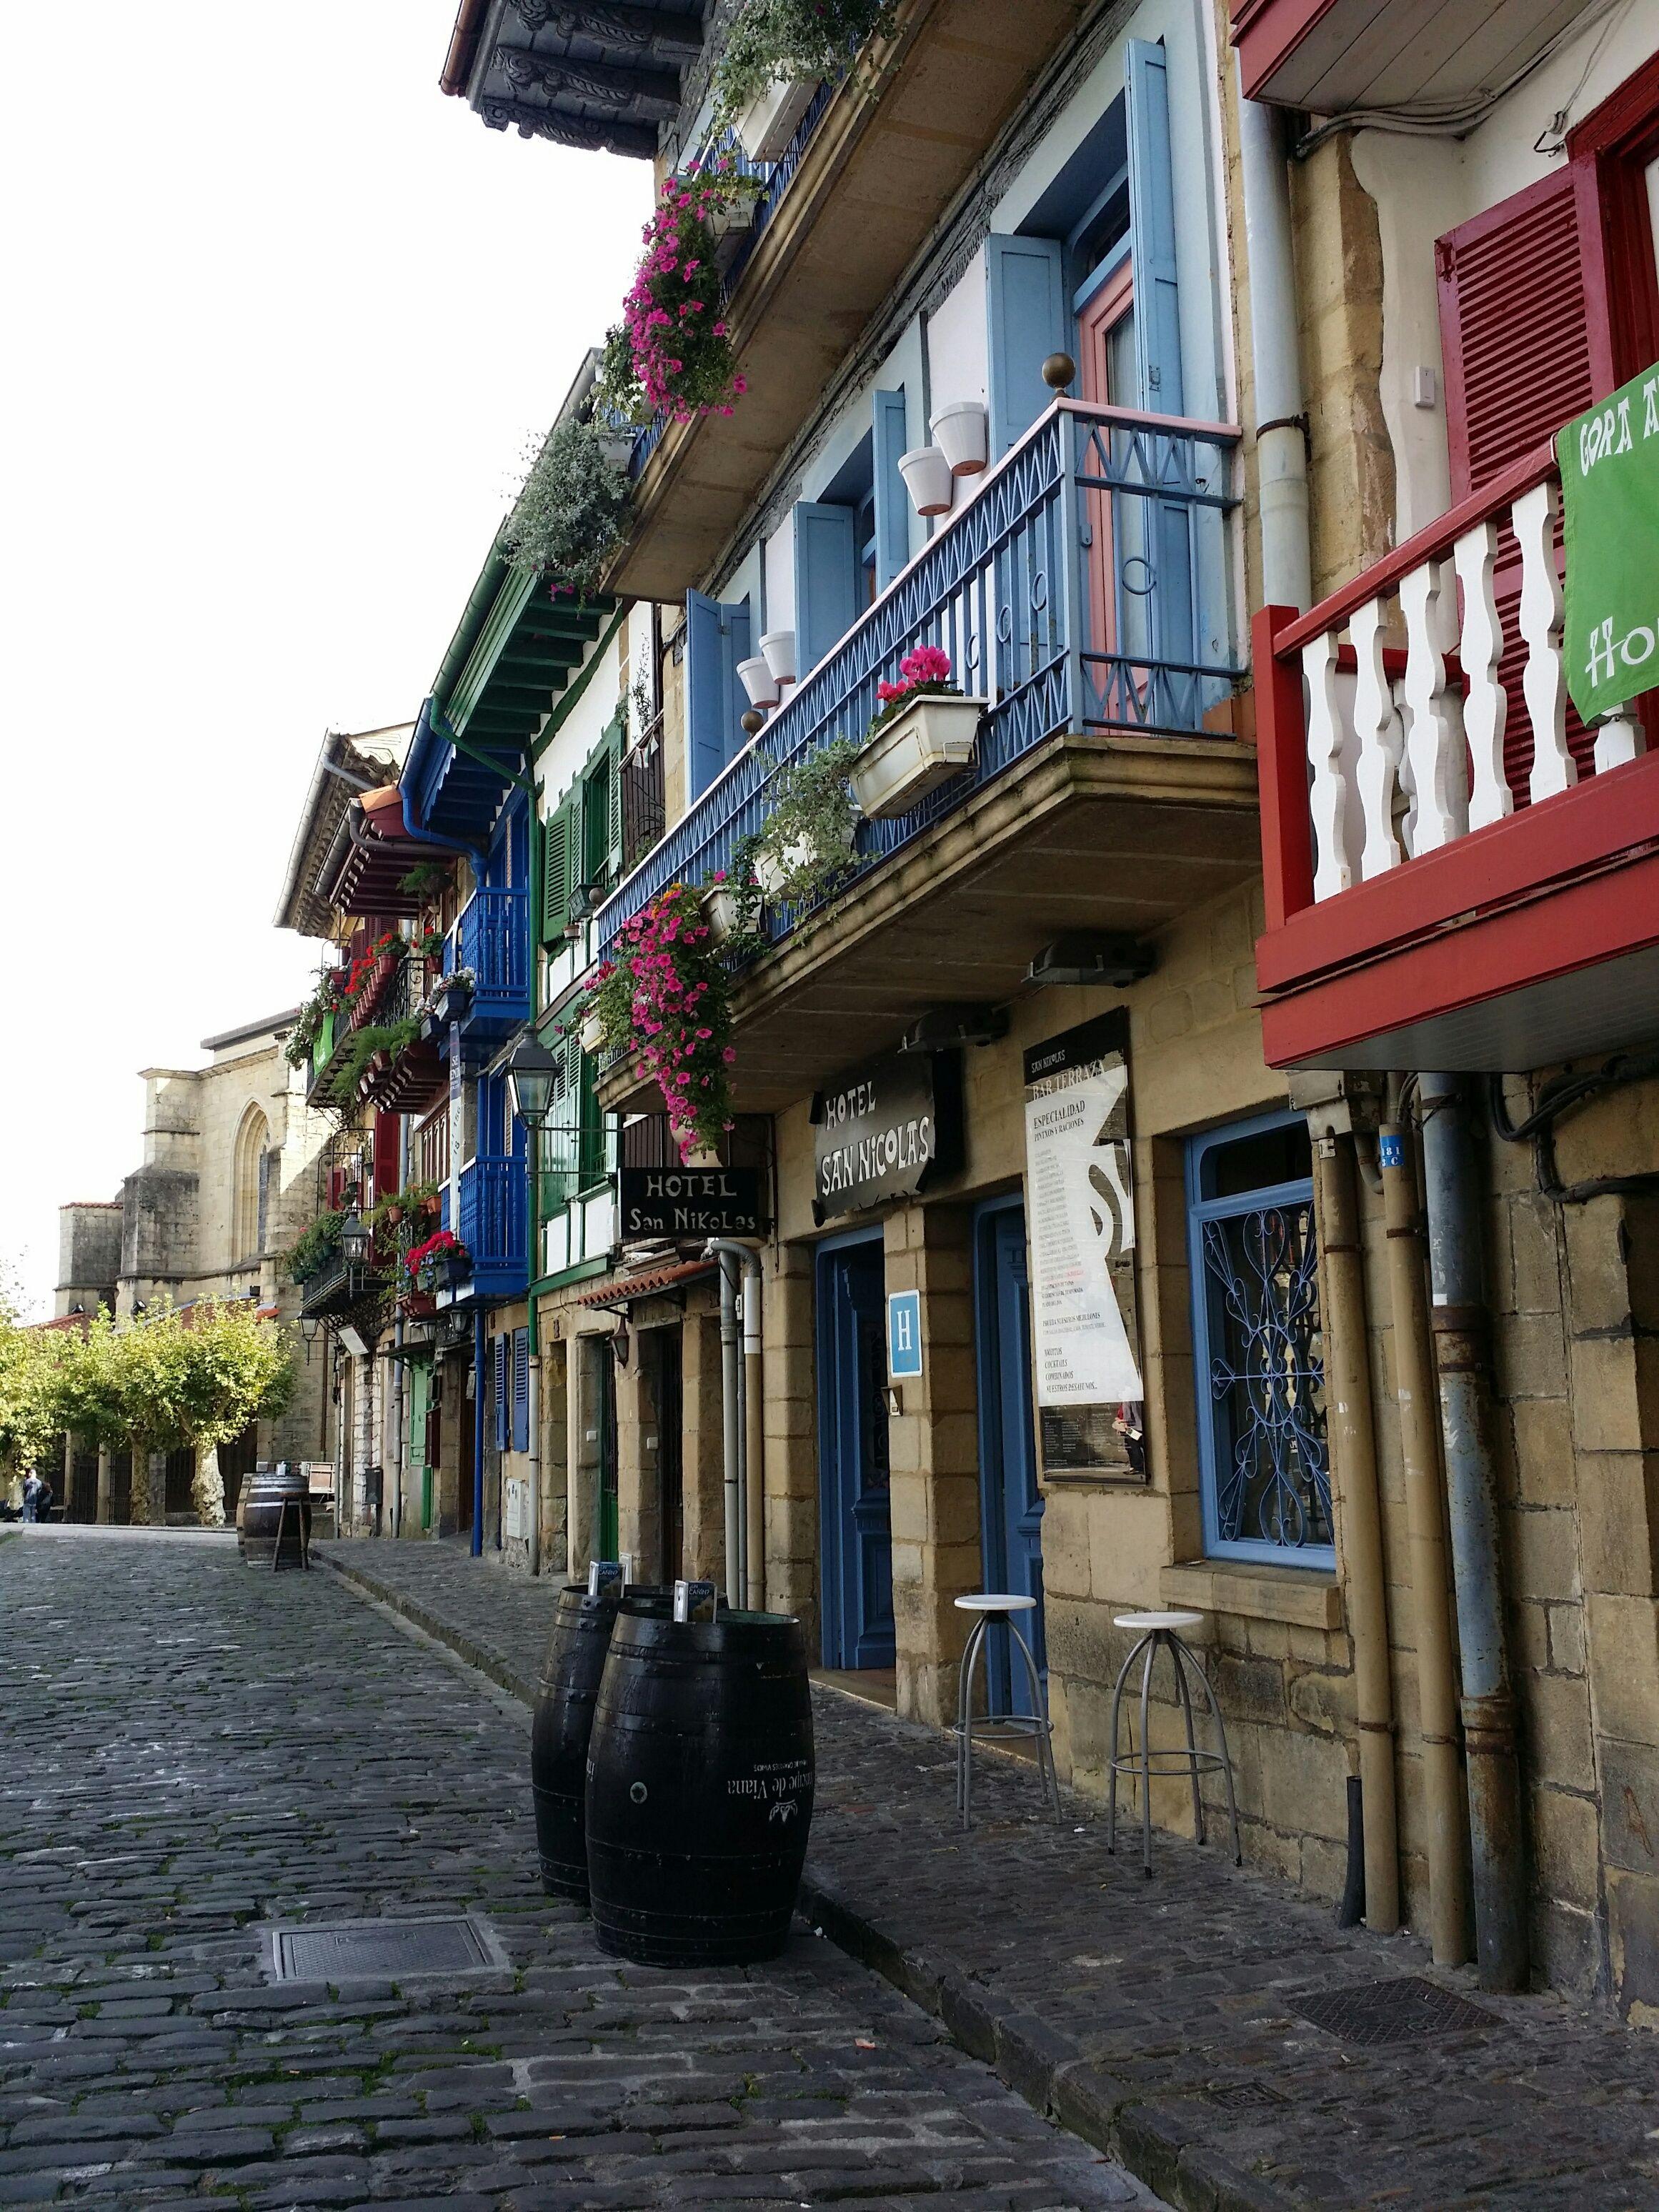 Hondarribia Uno De Los Pueblos Más Bonitos Del País Vasco Turismo País Vasco Pais Vasco Turismo País Vasco Viajar Por España